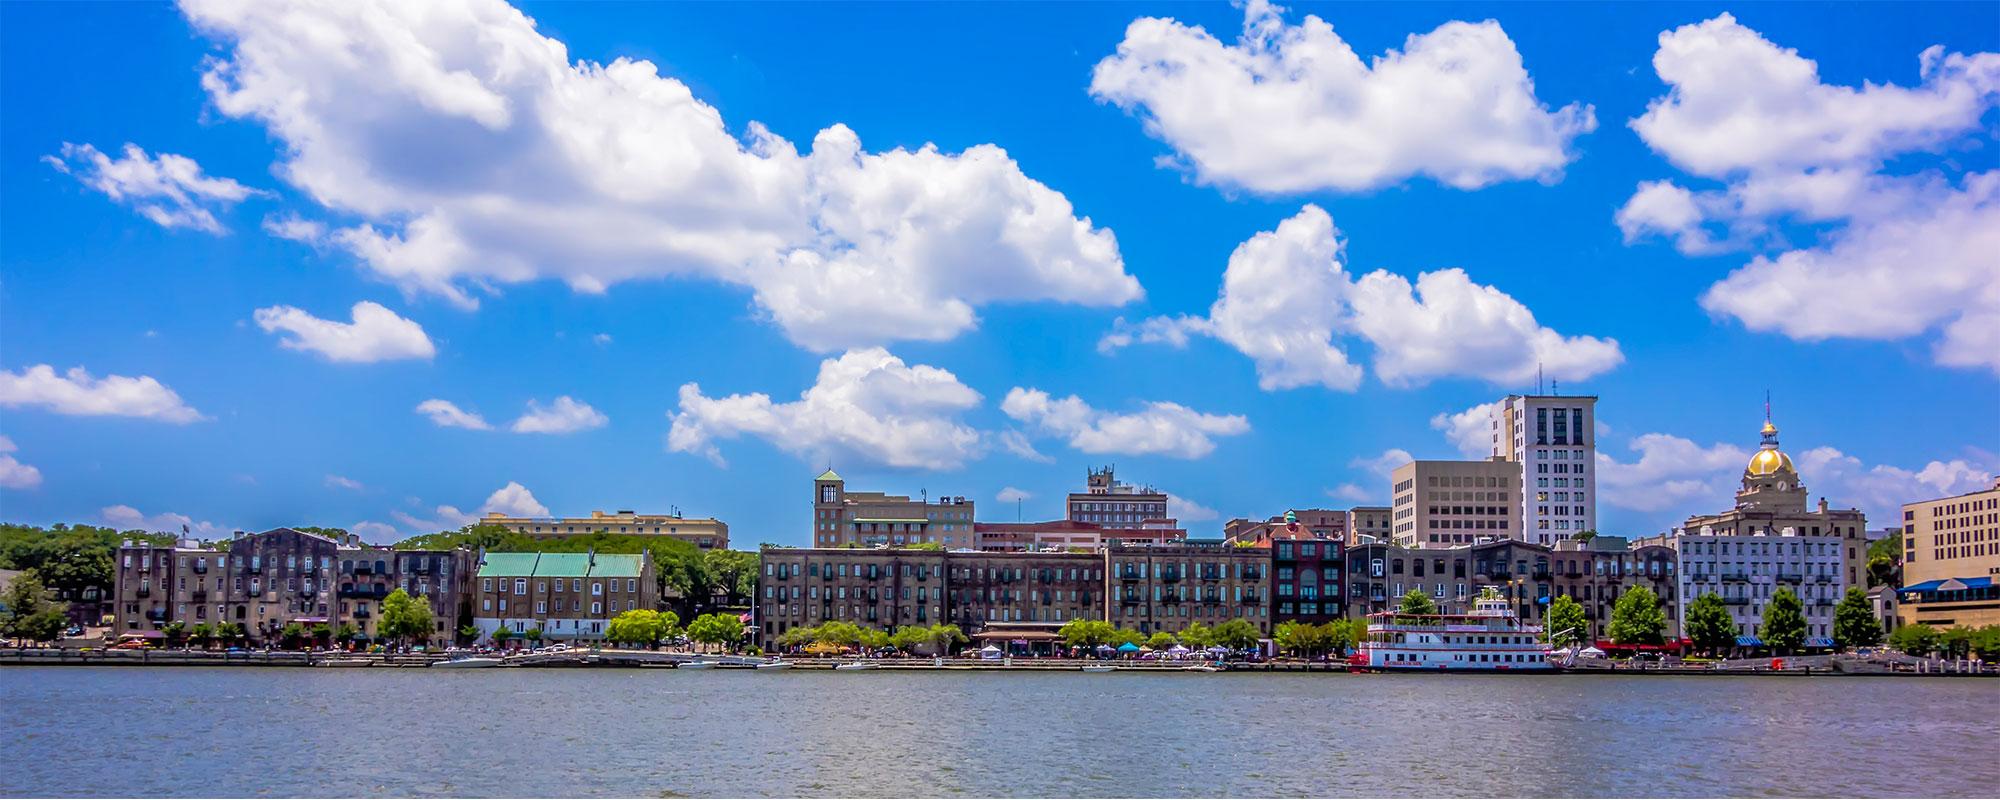 Savannah 1396133268.jpg